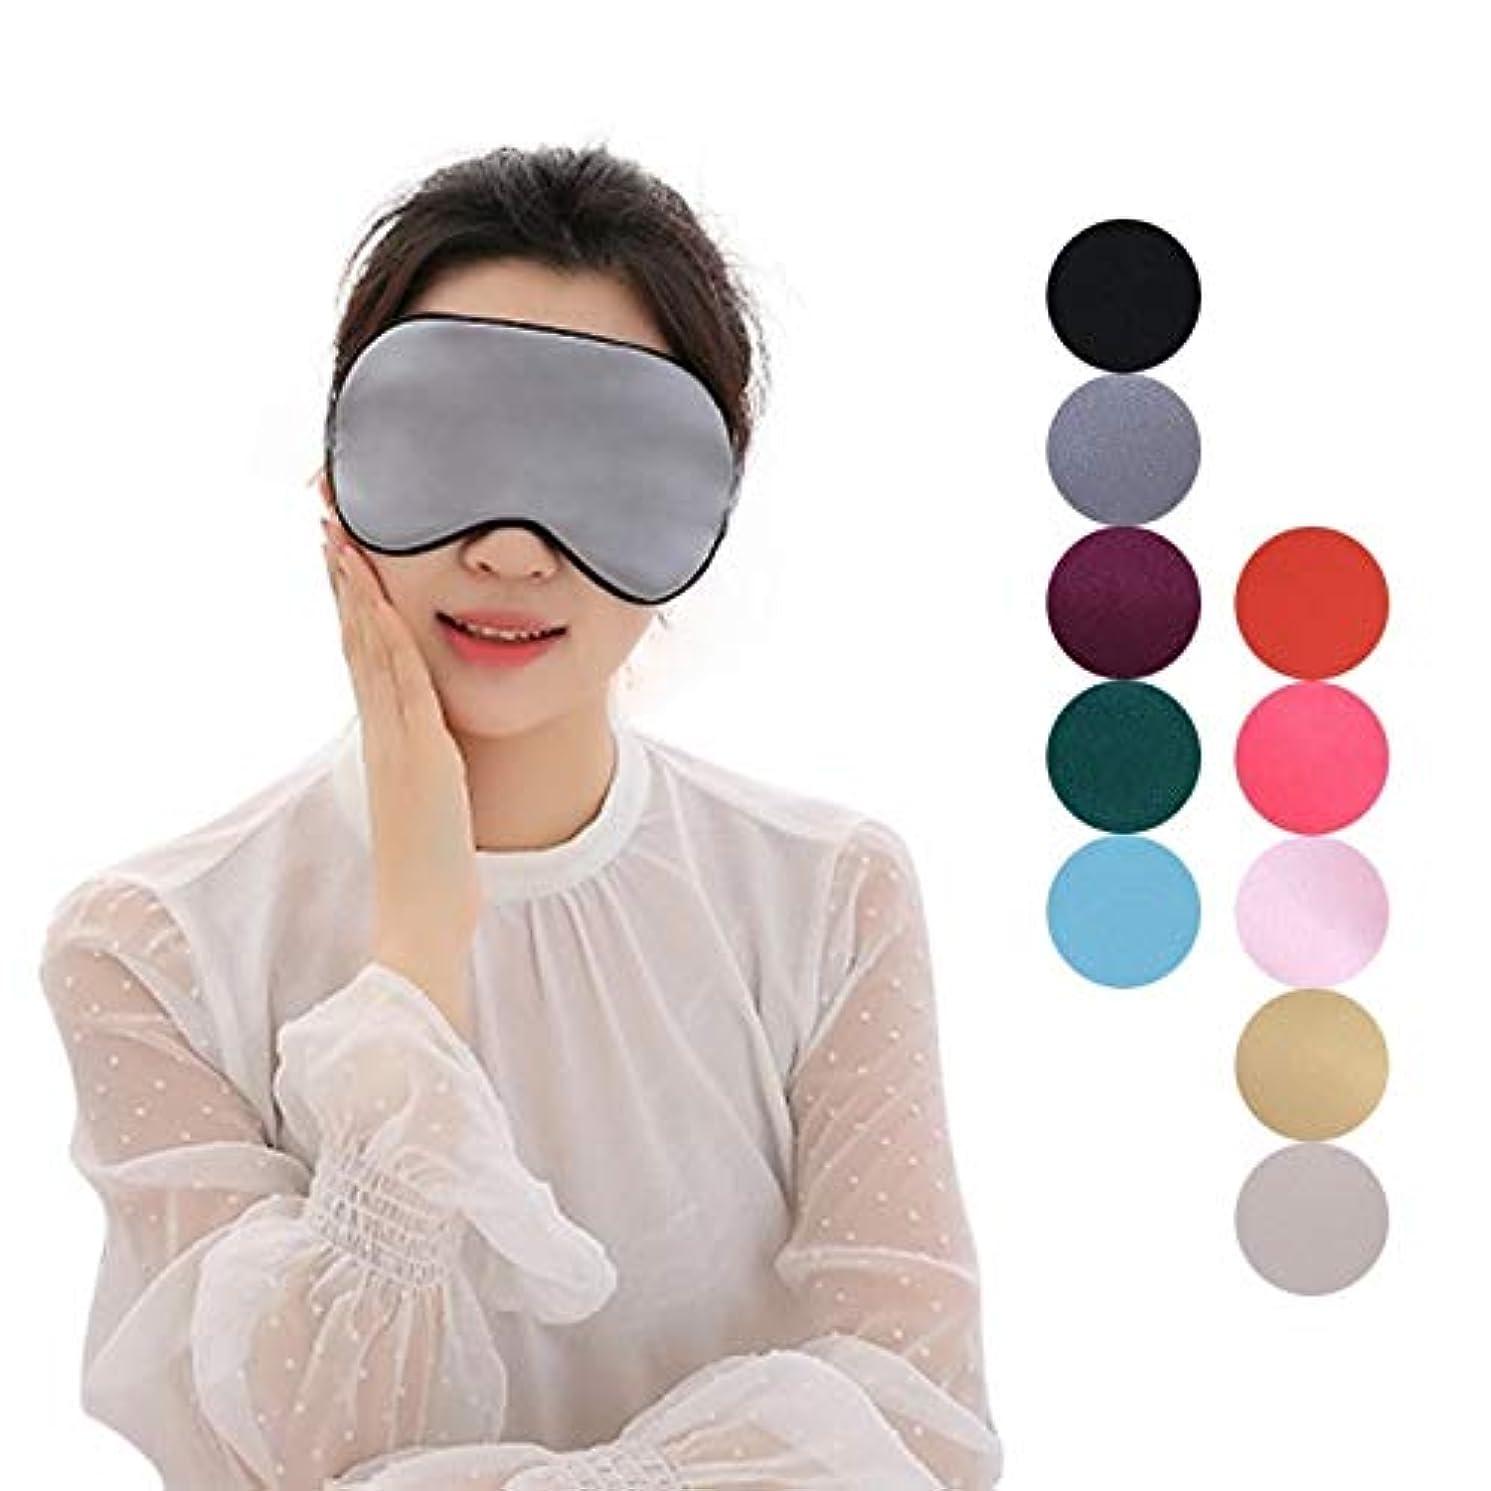 のホスト動的変なNOTE 2018新しい睡眠マスクアイパッチソフトアイ睡眠マスクカバー旅行睡眠補助目隠し包帯アイパッチスポンジアイマスク女性